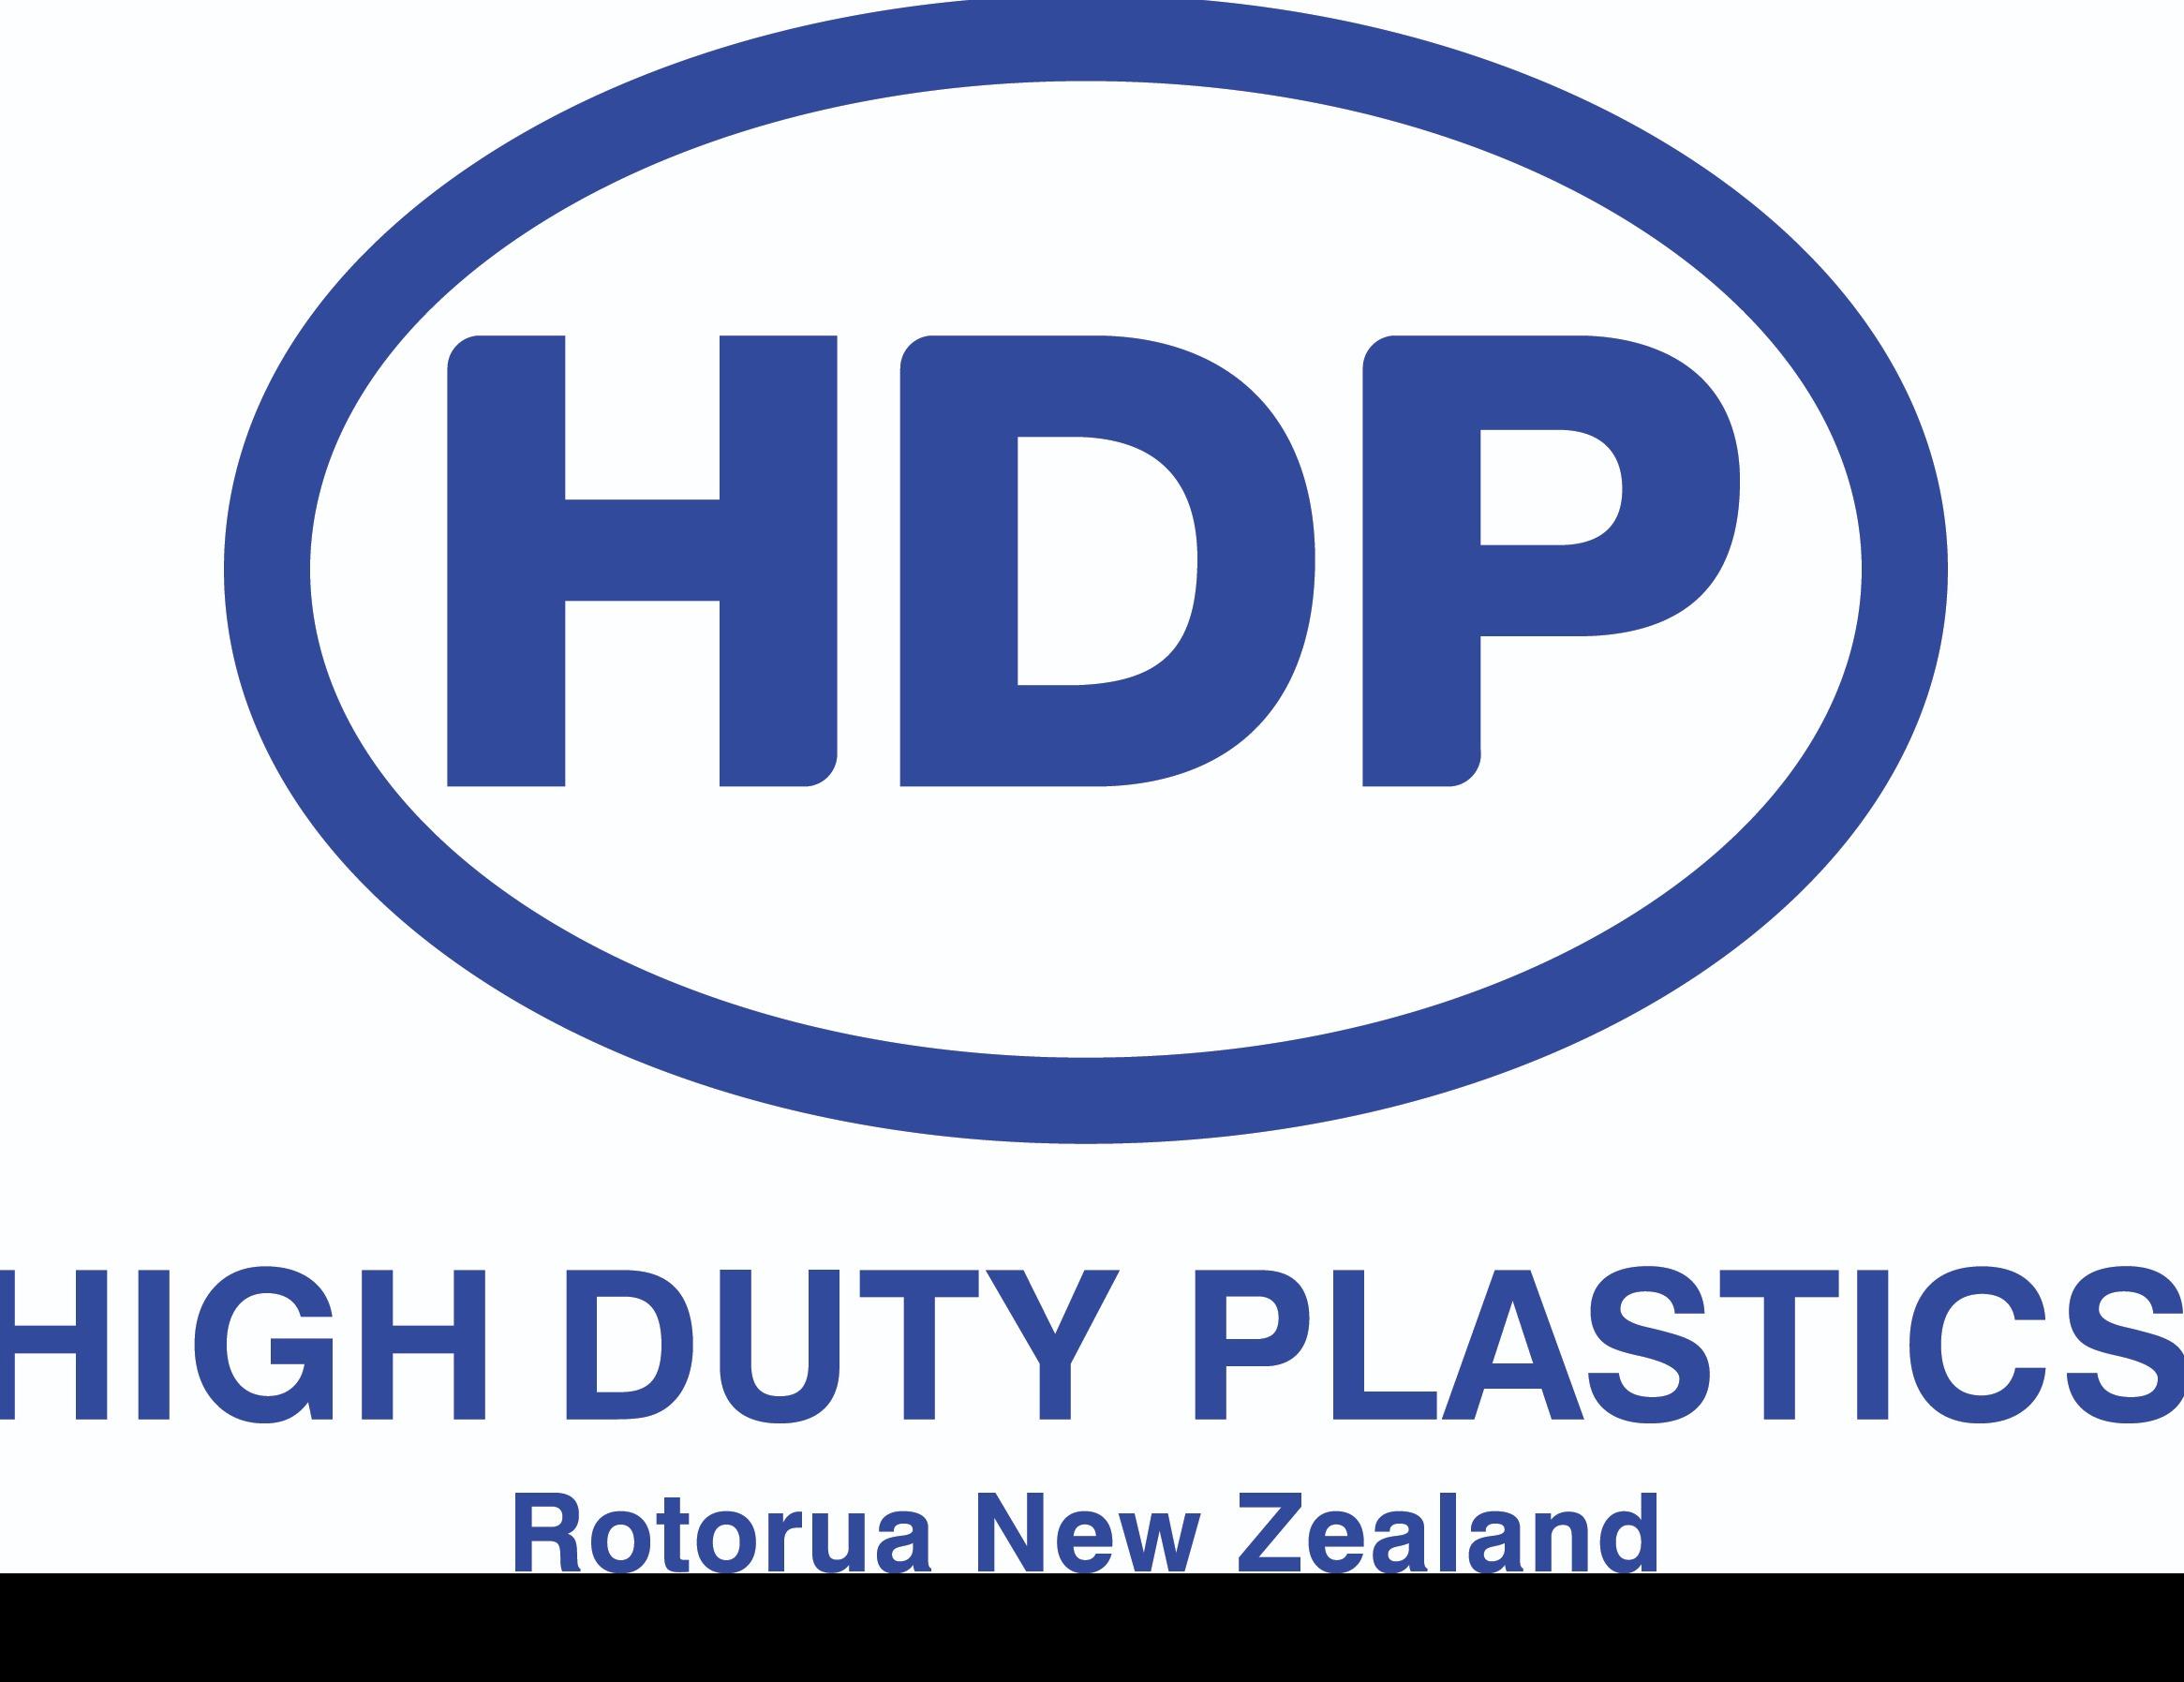 High Duty Plastics Ltd